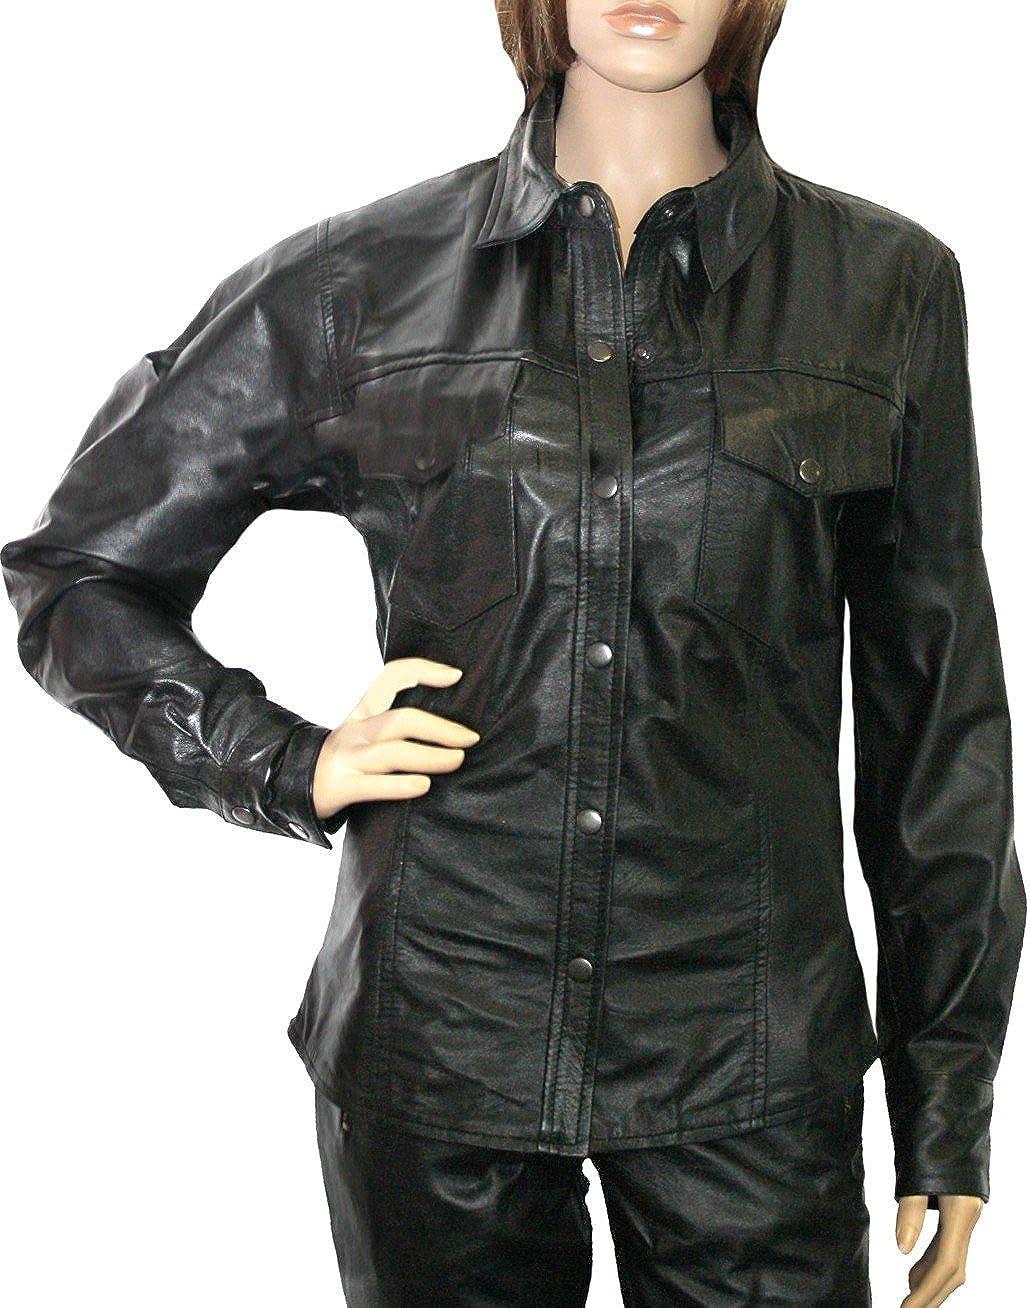 Camisa de piel napa motocicleta Camisa Chopper Echtleder Camisa (piel de napa Negro negro M: Amazon.es: Ropa y accesorios